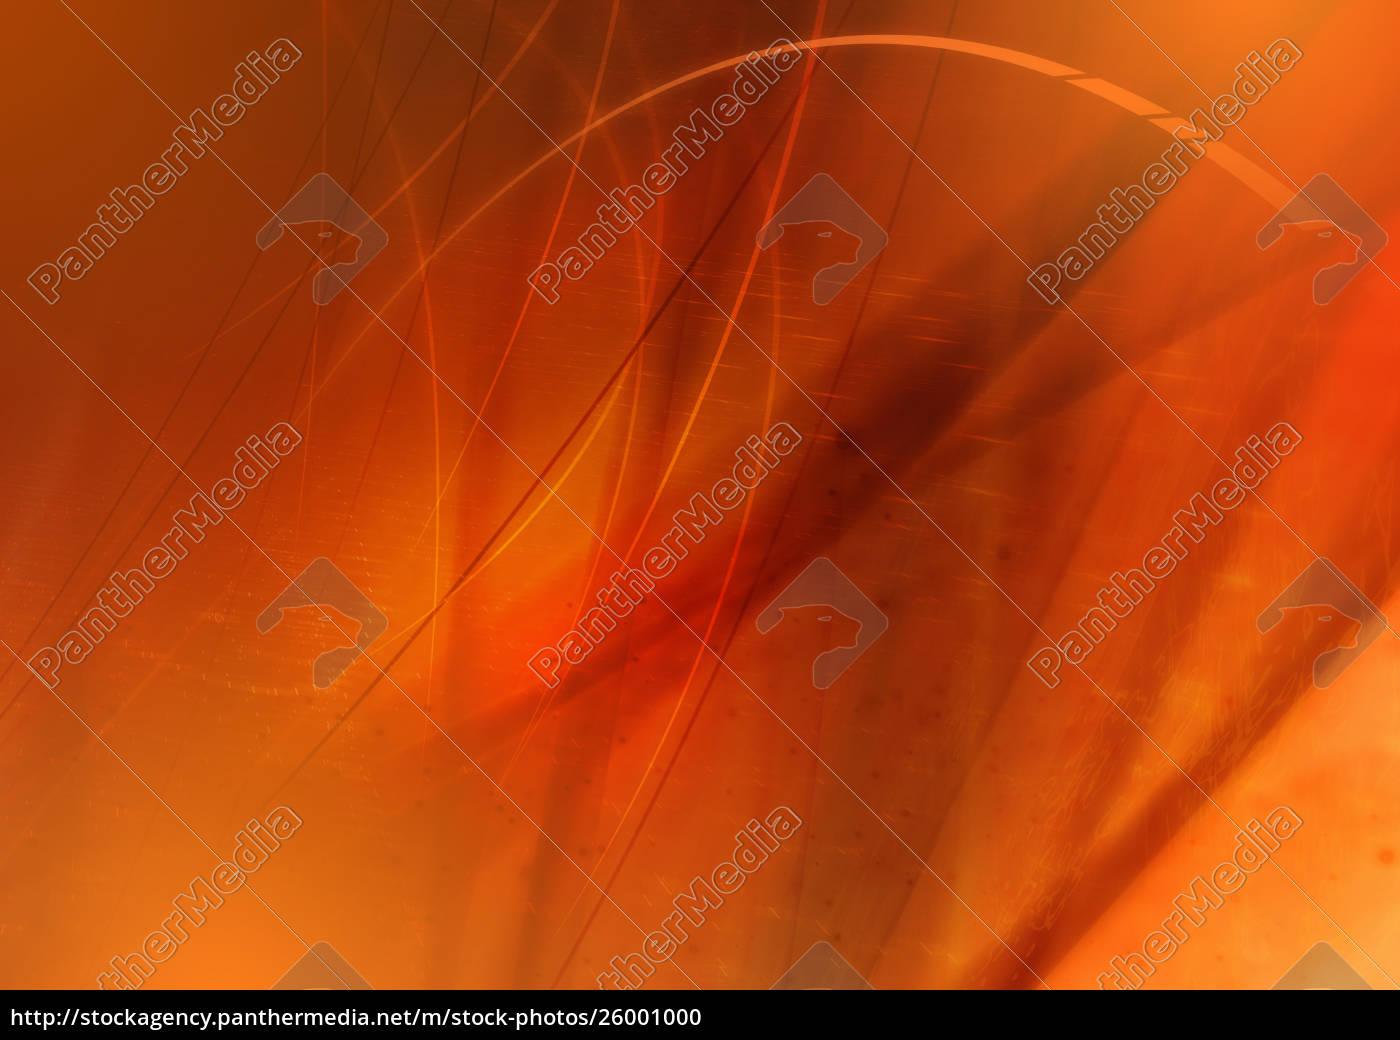 abstrakt, billede, af, orange, hvirvlende, linjer - 26001000